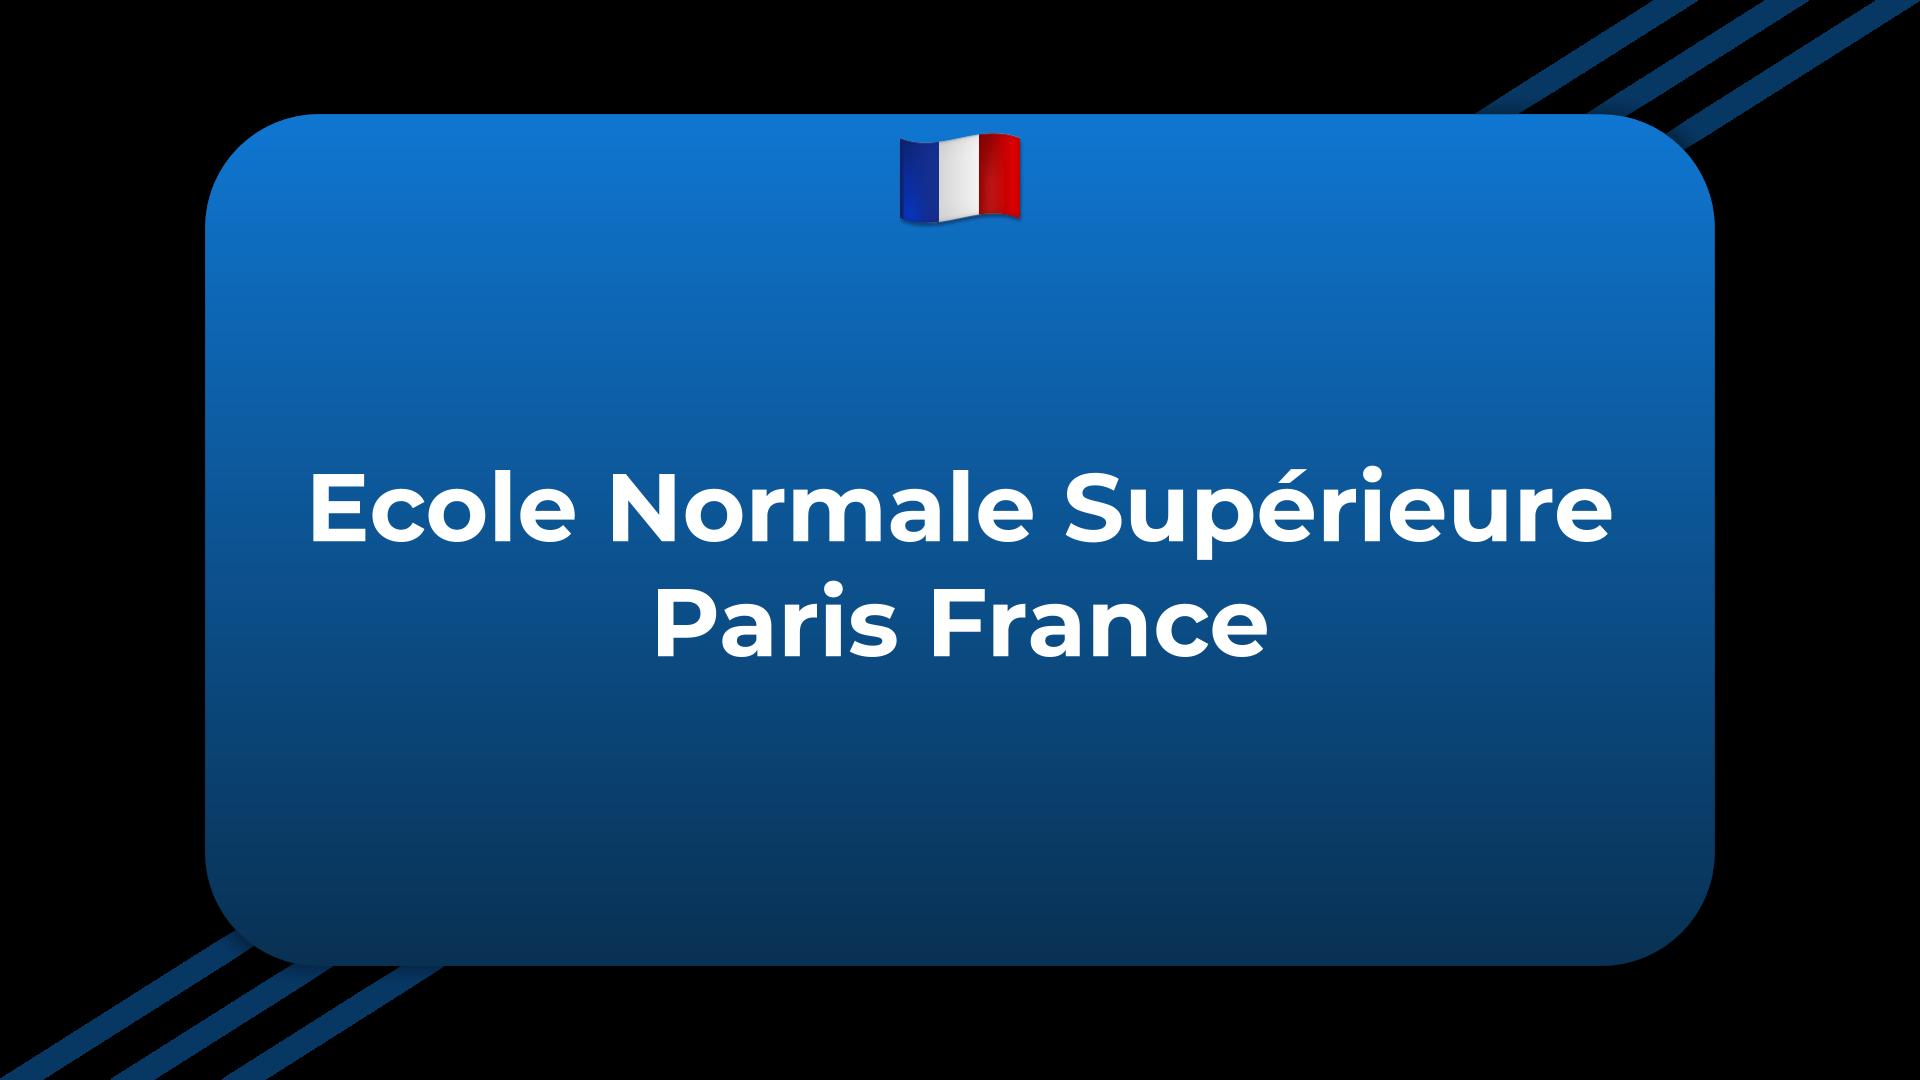 Ecole Normale Supérieure Paris